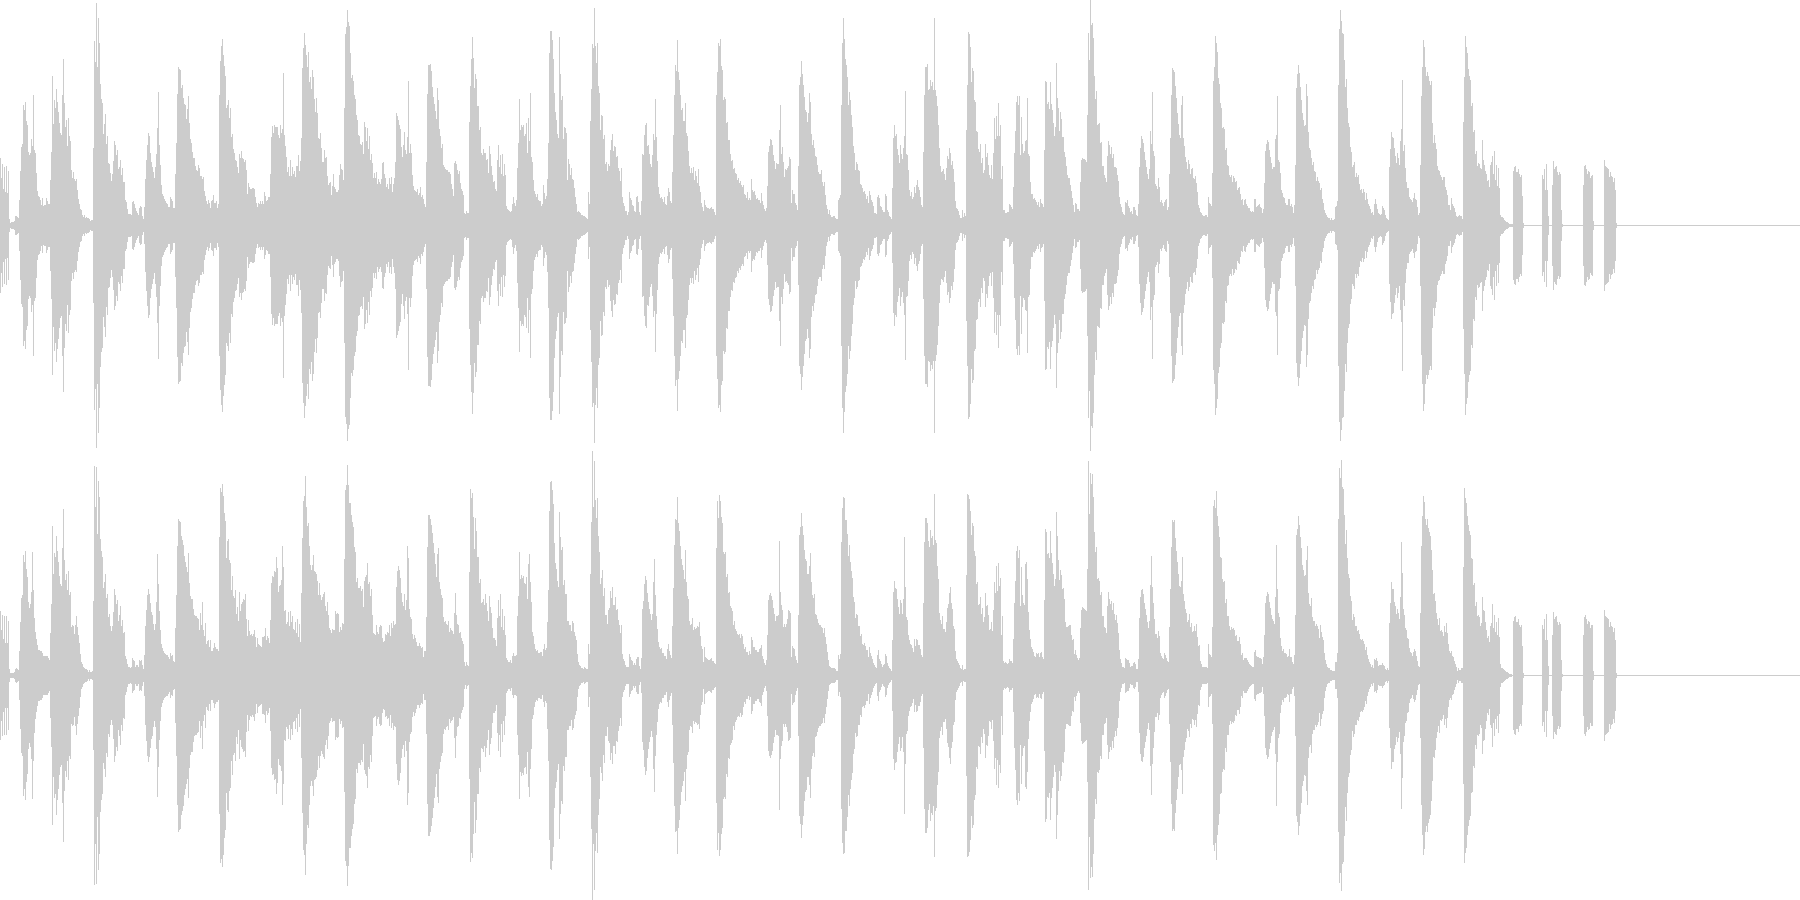 テクノなBGMの未再生の波形